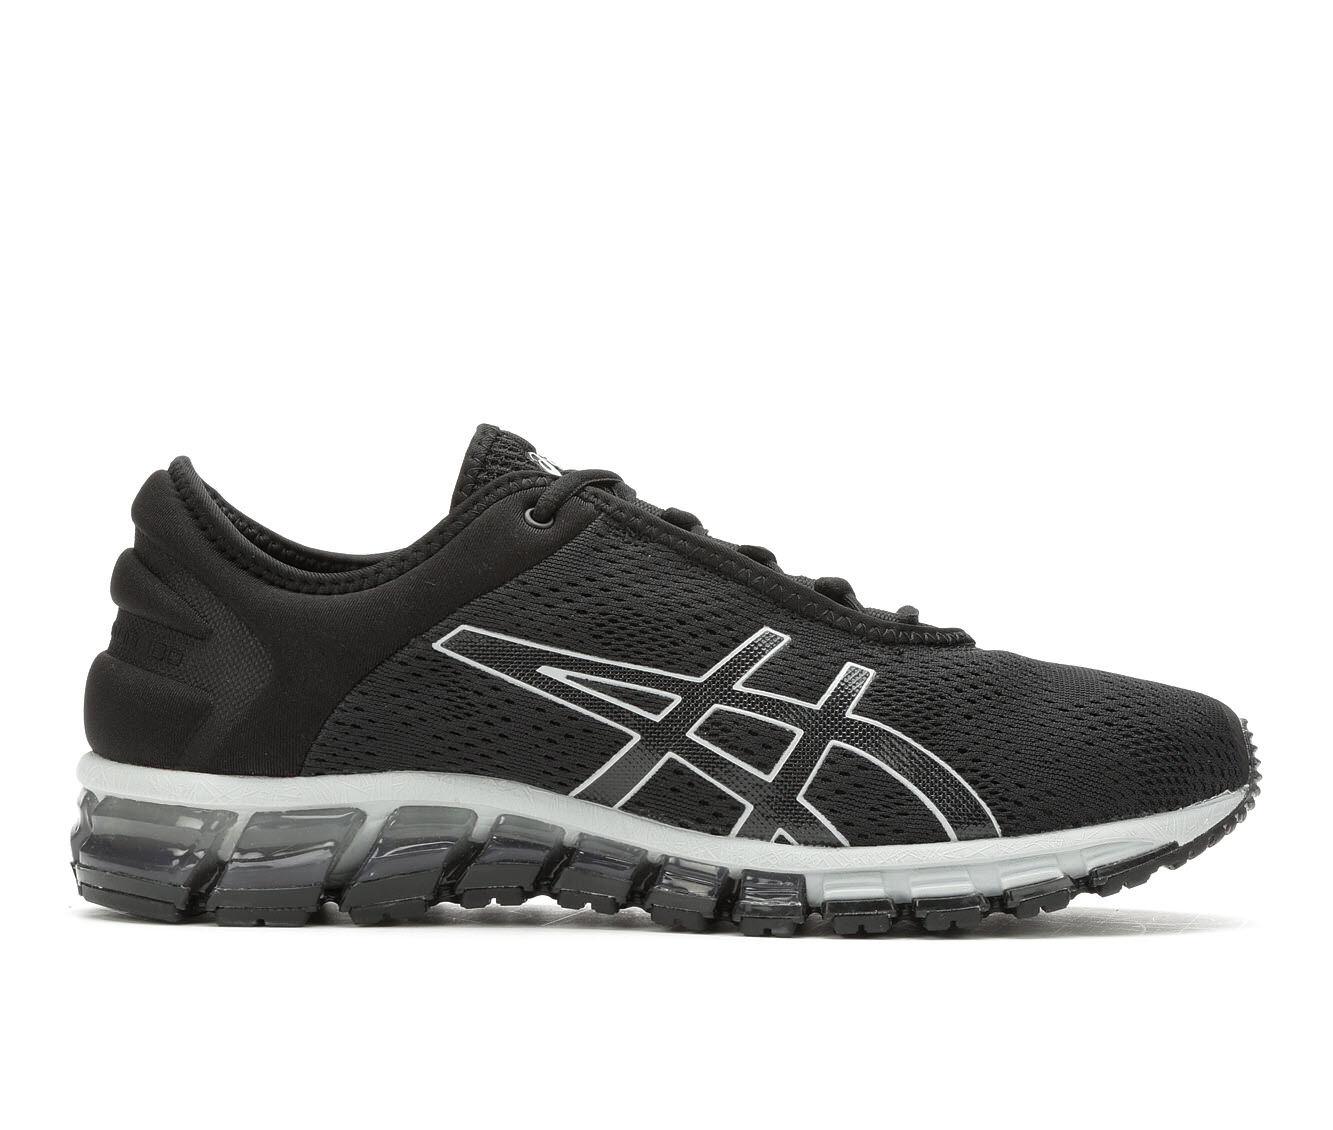 Men's ASICS Gel Quantum 180 3 Running Shoes Black/Black